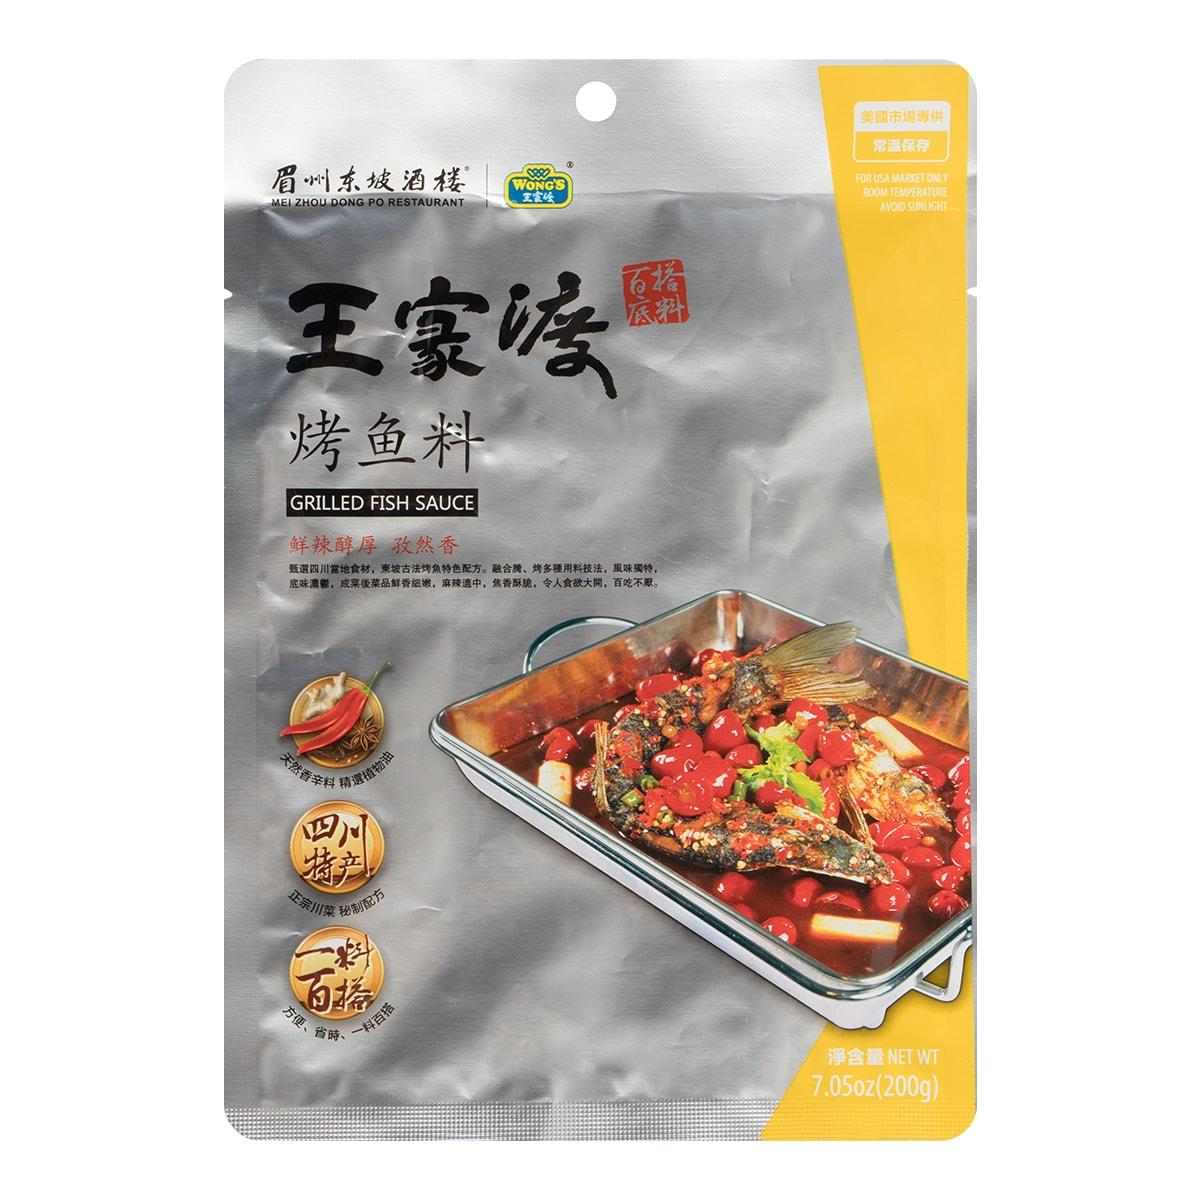 王家渡 烤鱼料 200g 中国驰名品牌